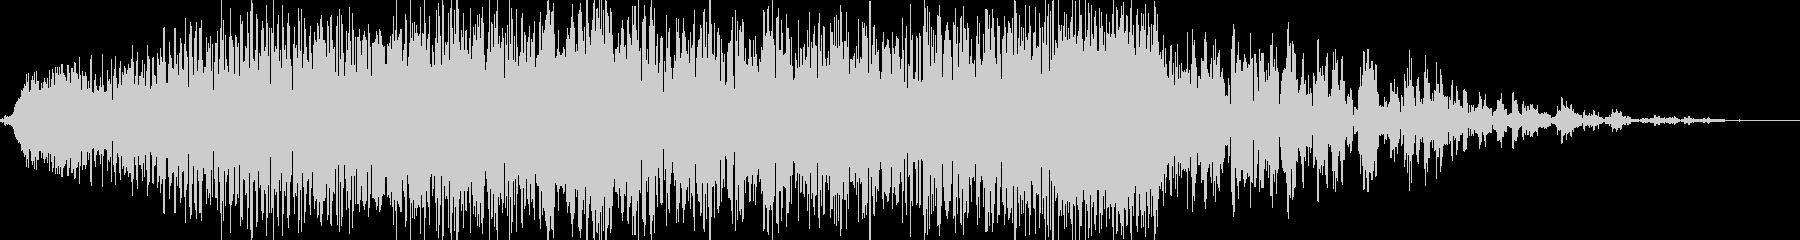 【ホラーゲーム】 物音 「接近」の未再生の波形